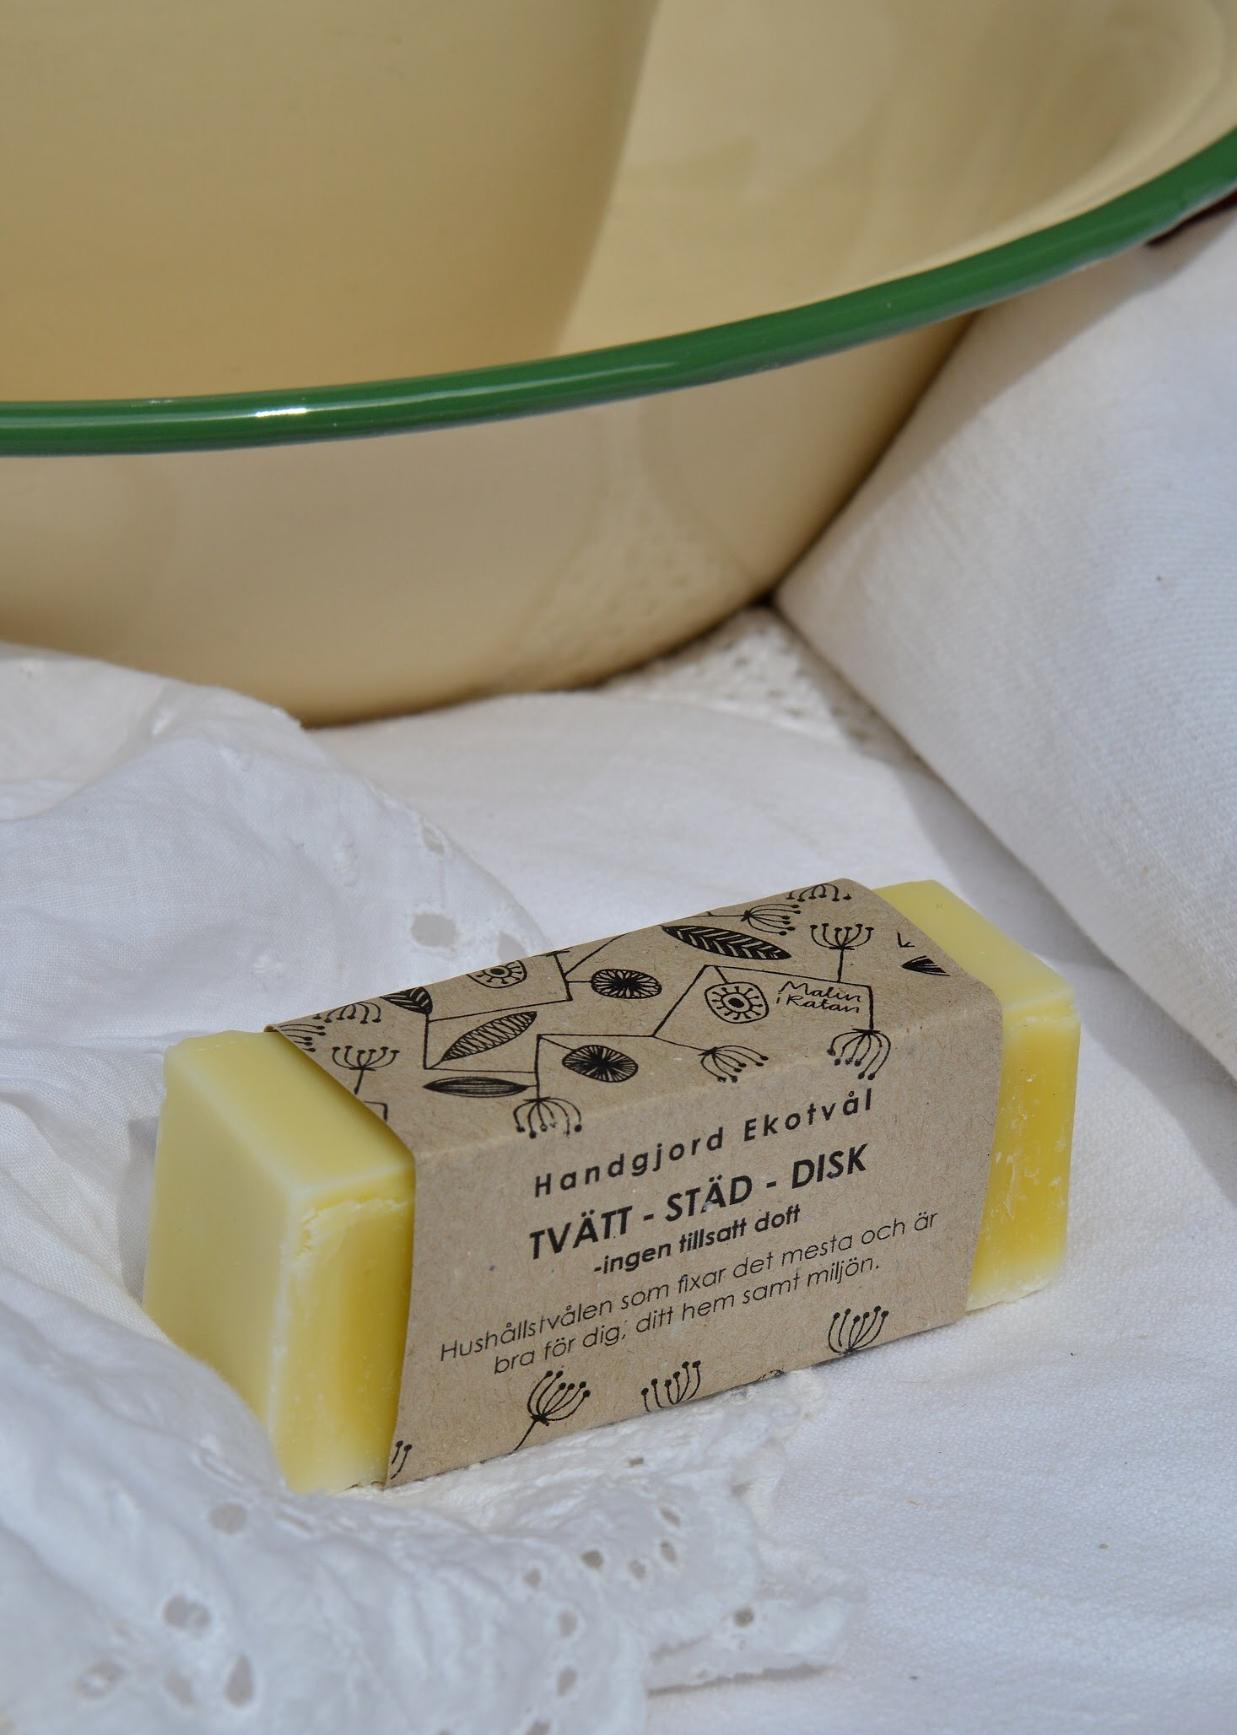 Handgjord Ekotvål Tvätt-Städ-Disk - ingen tillsatt doft Fast tvål